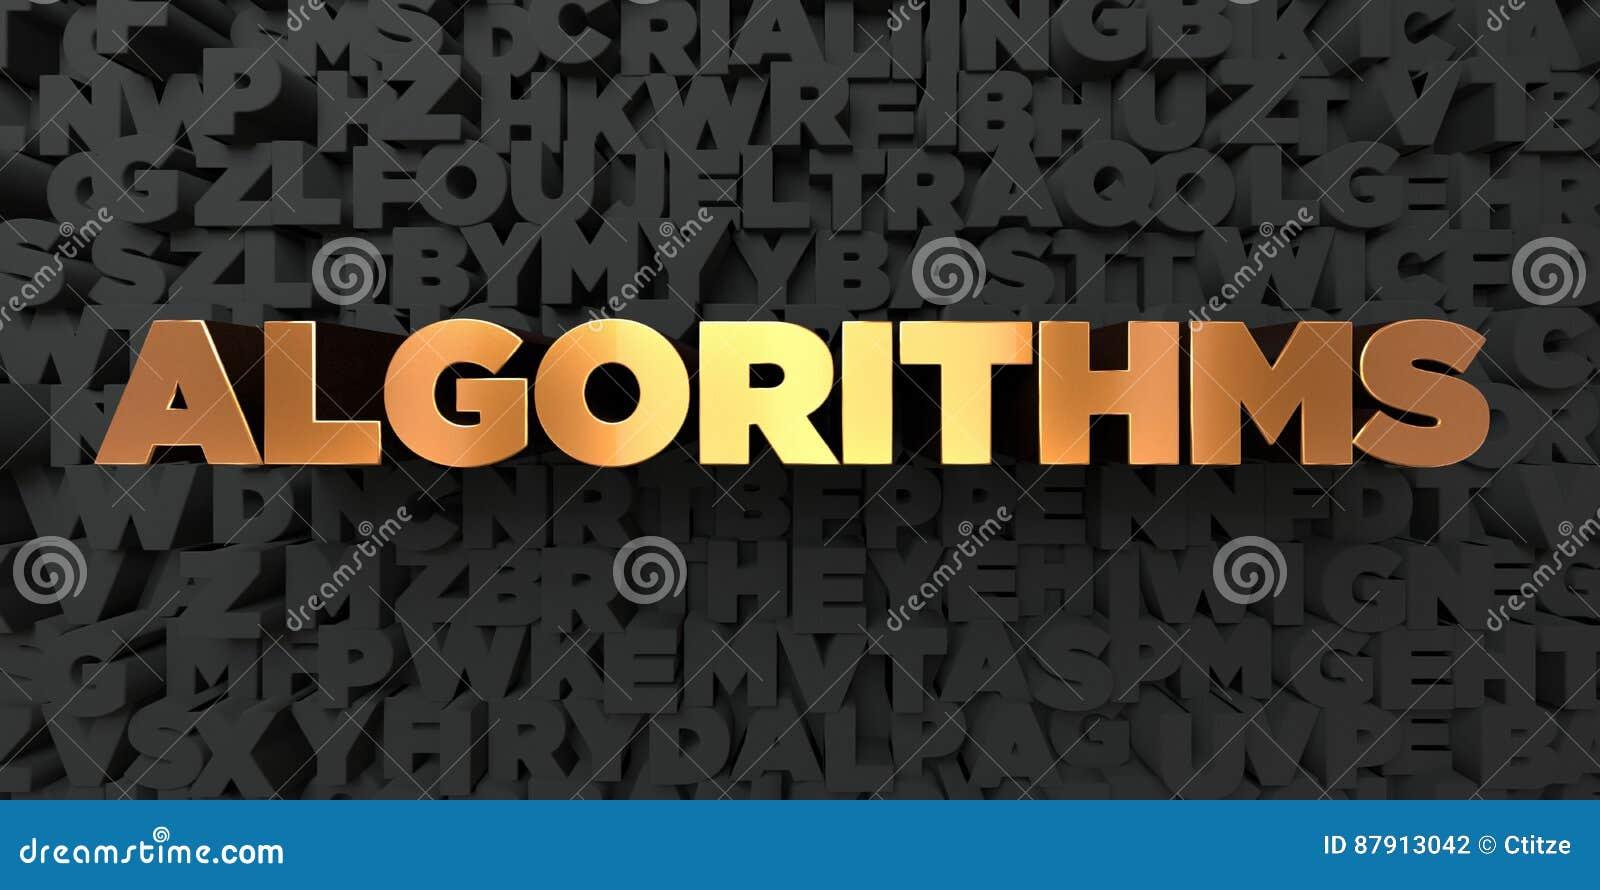 Αλγόριθμοι - χρυσό κείμενο στο μαύρο υπόβαθρο - τρισδιάστατο δικαίωμα ελεύθερη εικόνα αποθεμάτων